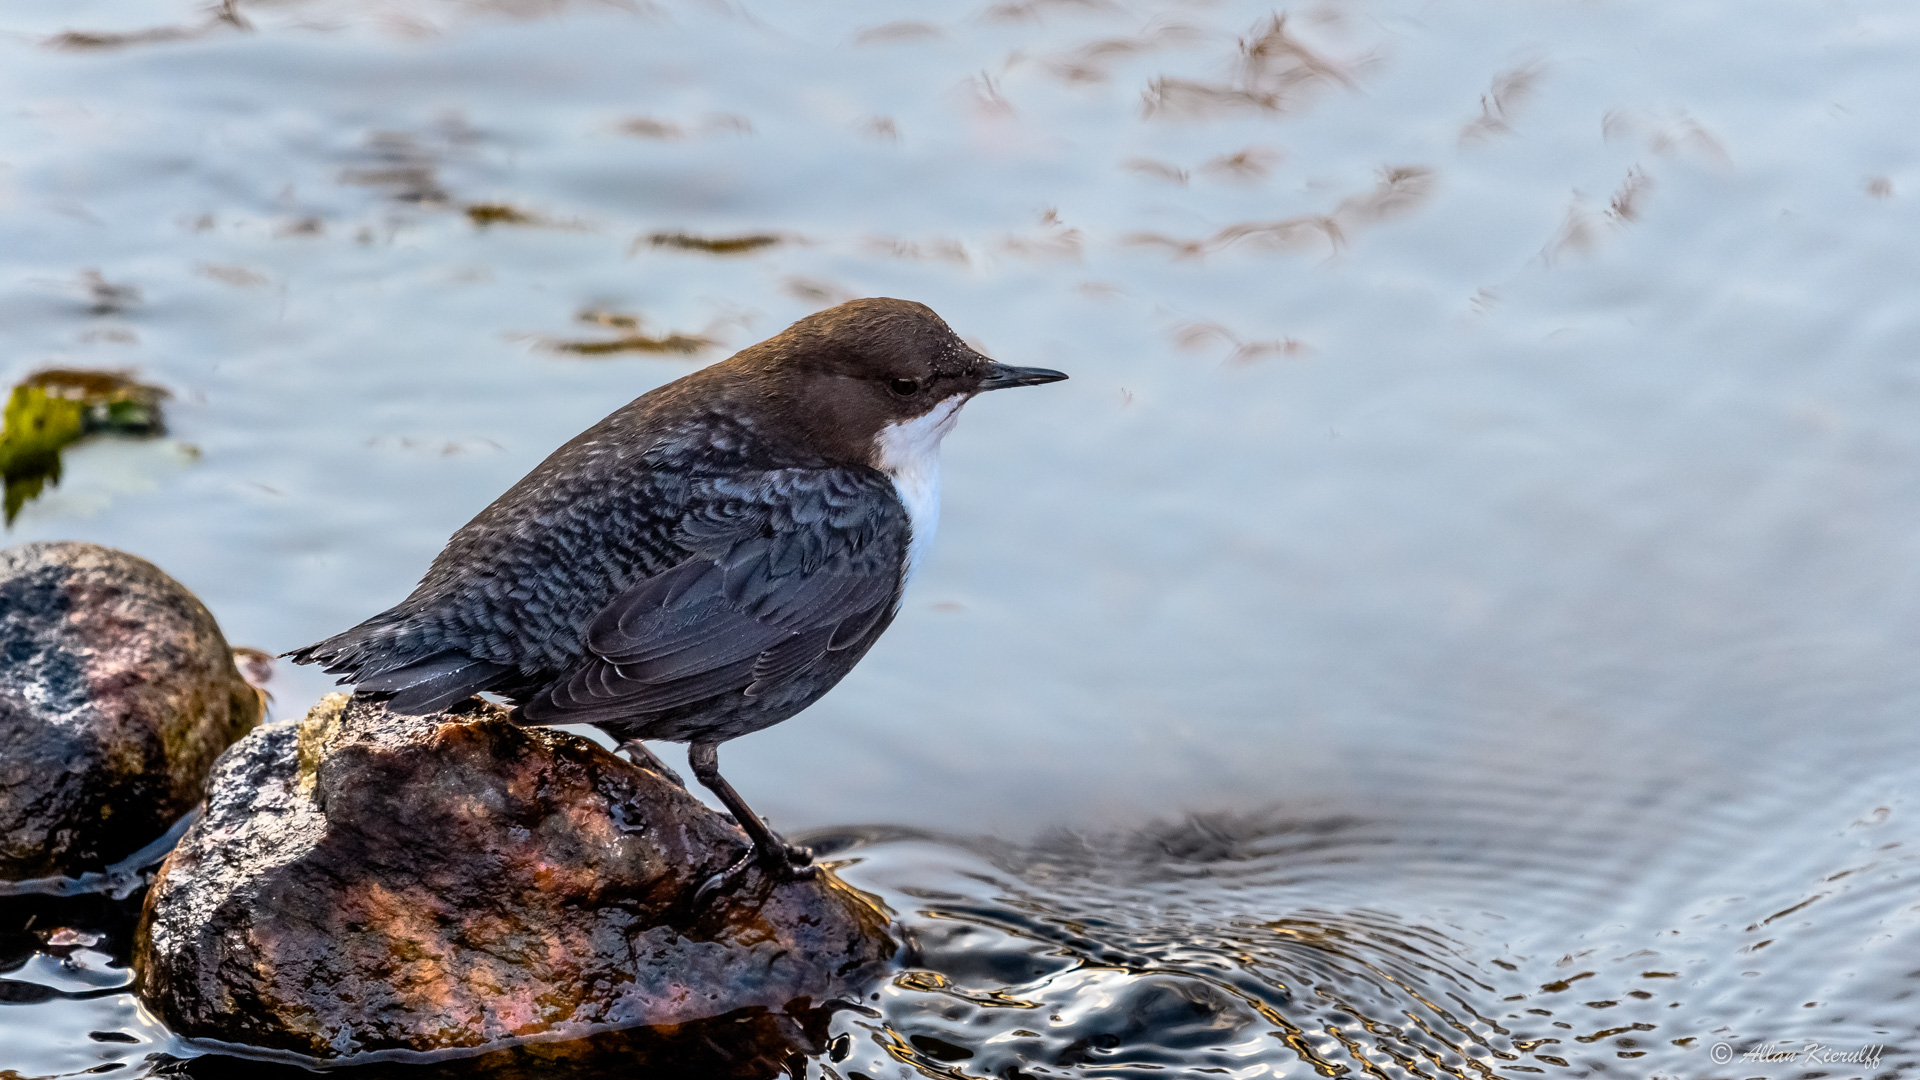 vandstaerene-i-raadvad-livet-ved-floden-10